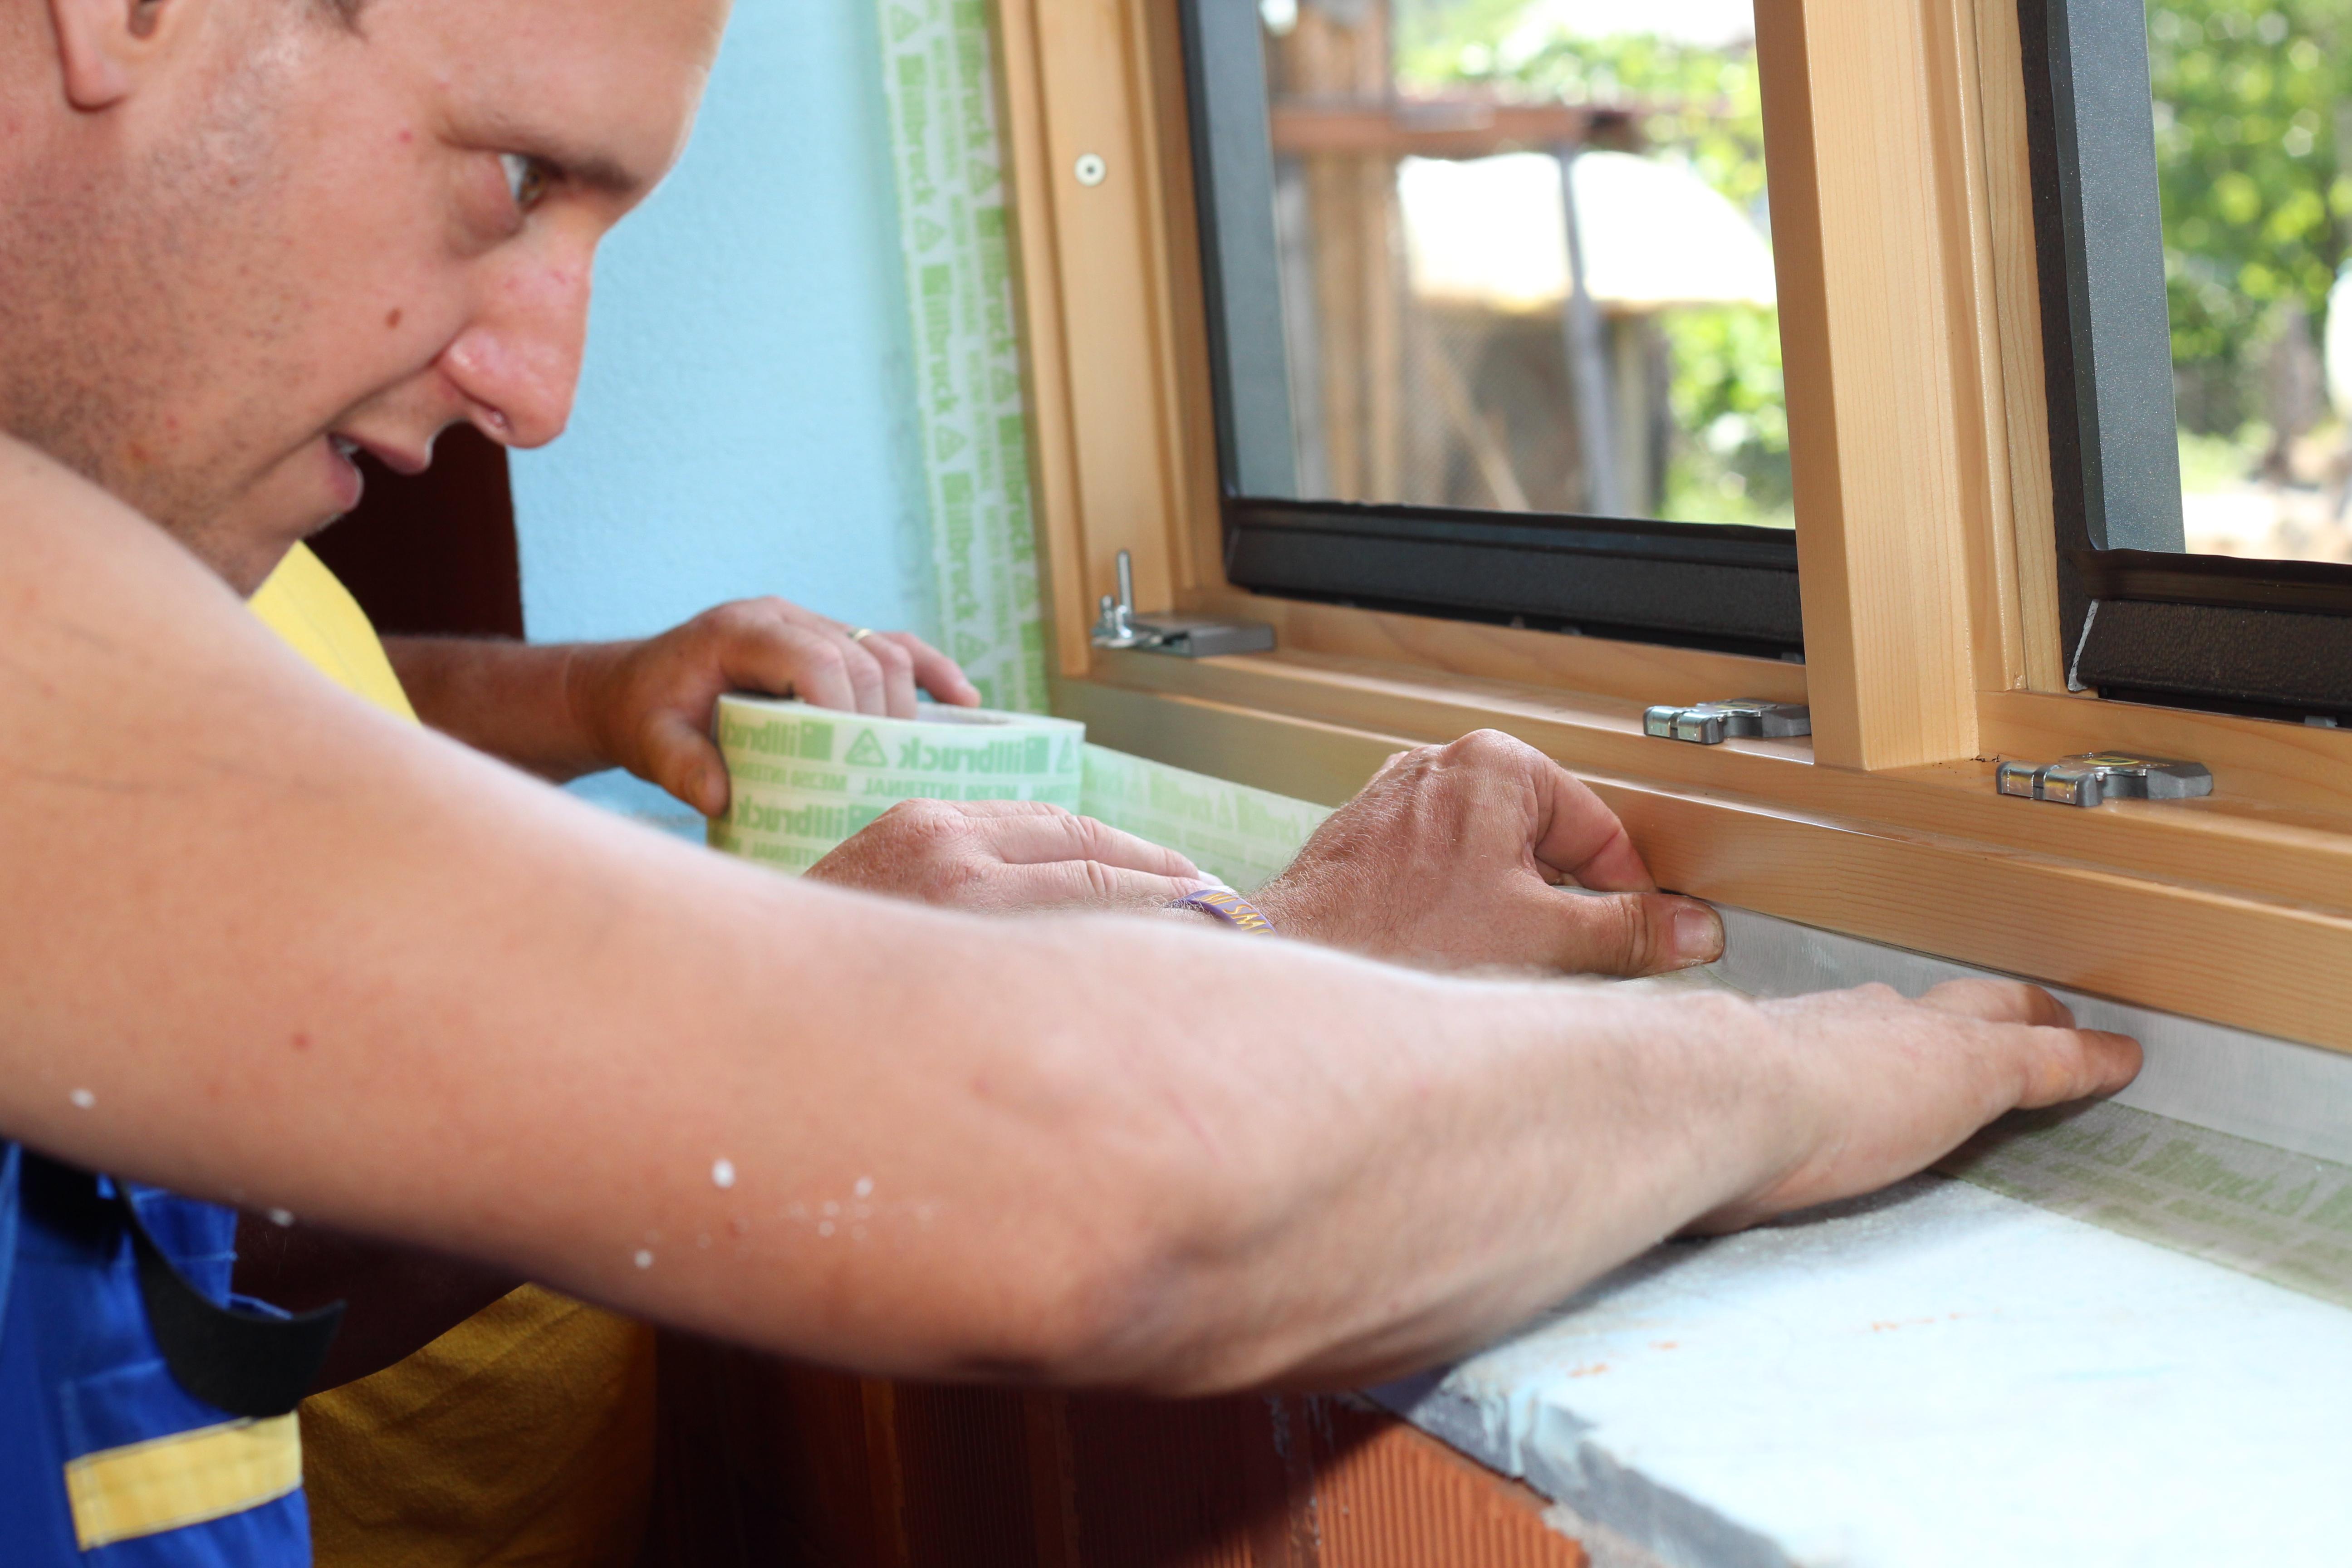 RAL-montažo izberimo, kadar želimo maksimalen energetski prihranek našega okna.